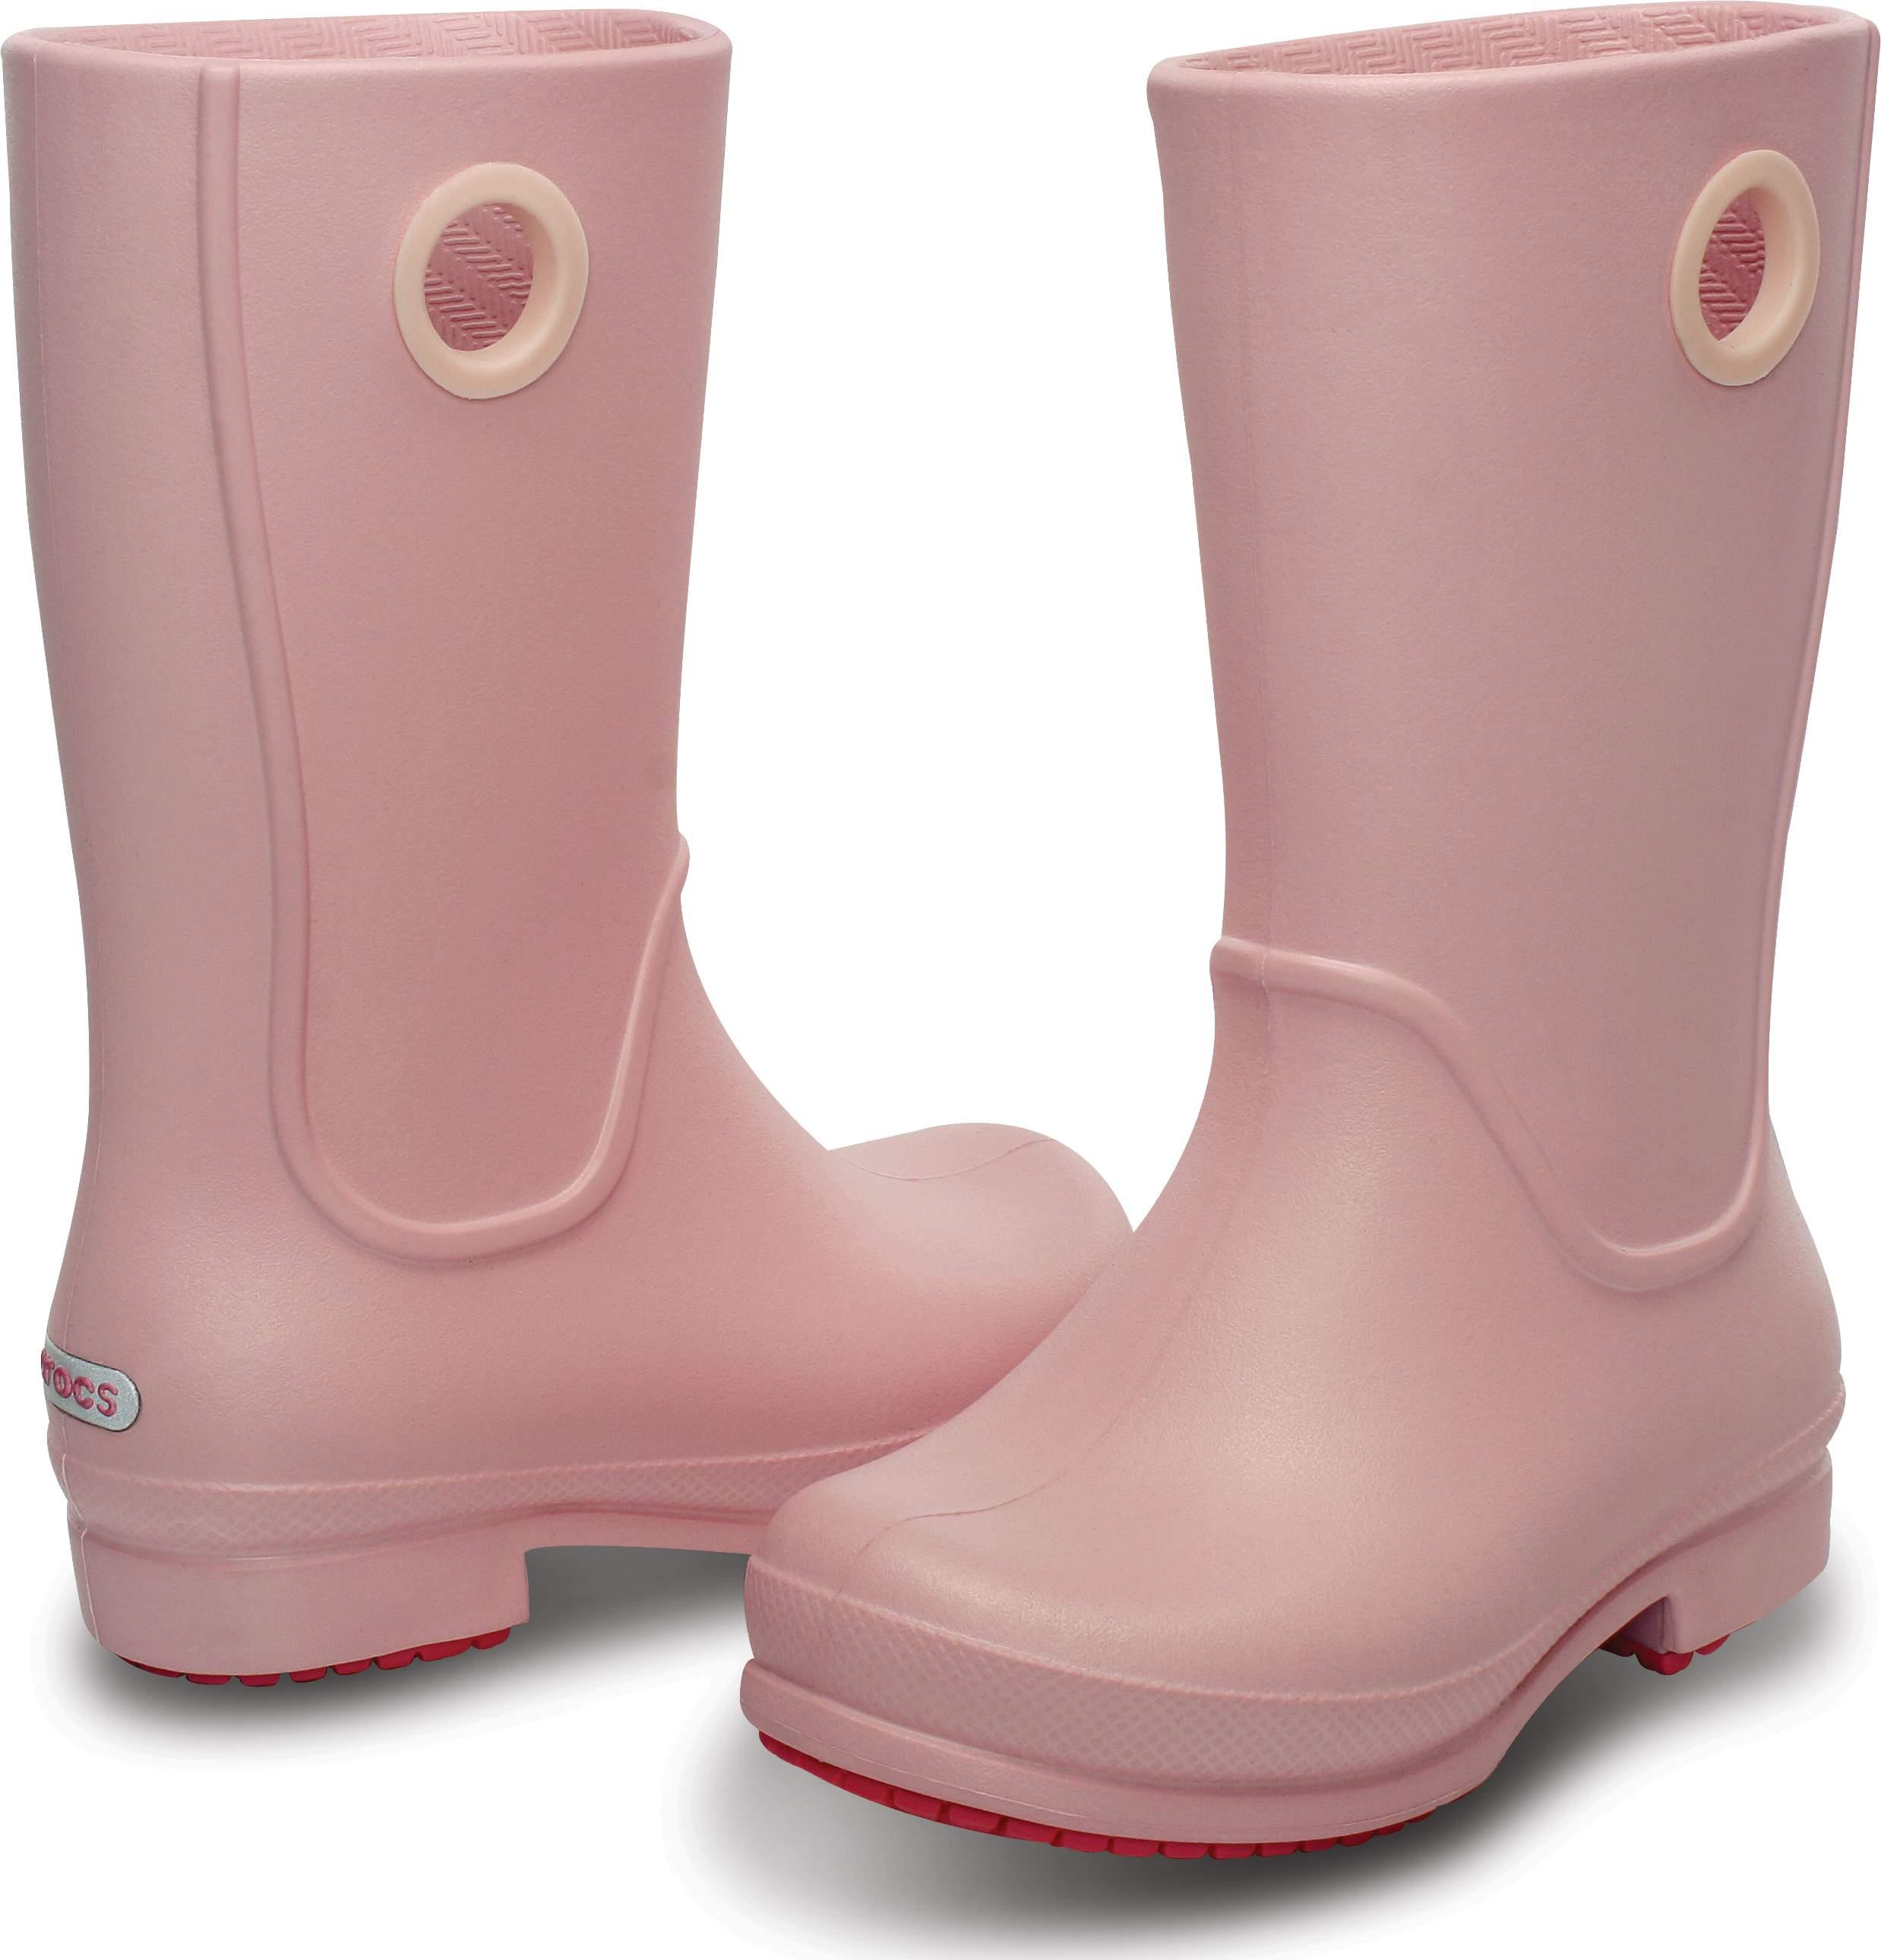 <クロックス公式> ウェリー レイン ブーツ ガールズ - Wellie Rain Boot Girls (送料無料)画像